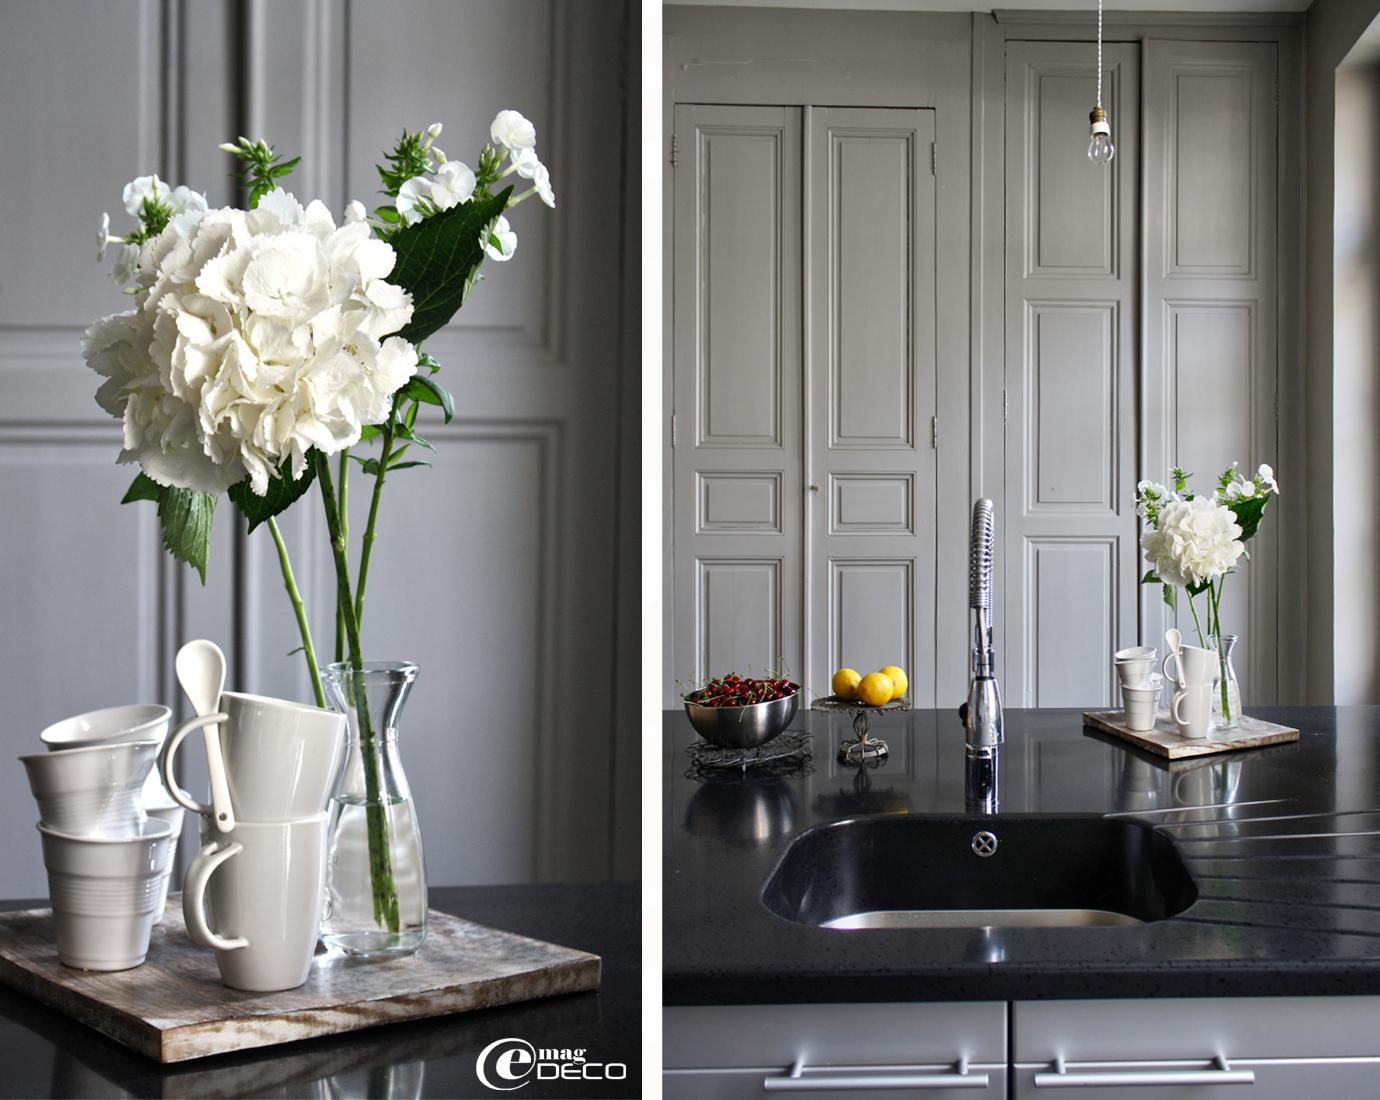 Mugs et gobelets froissés en porcelaine blanche, plan de travail de cuisine en Corian® noir